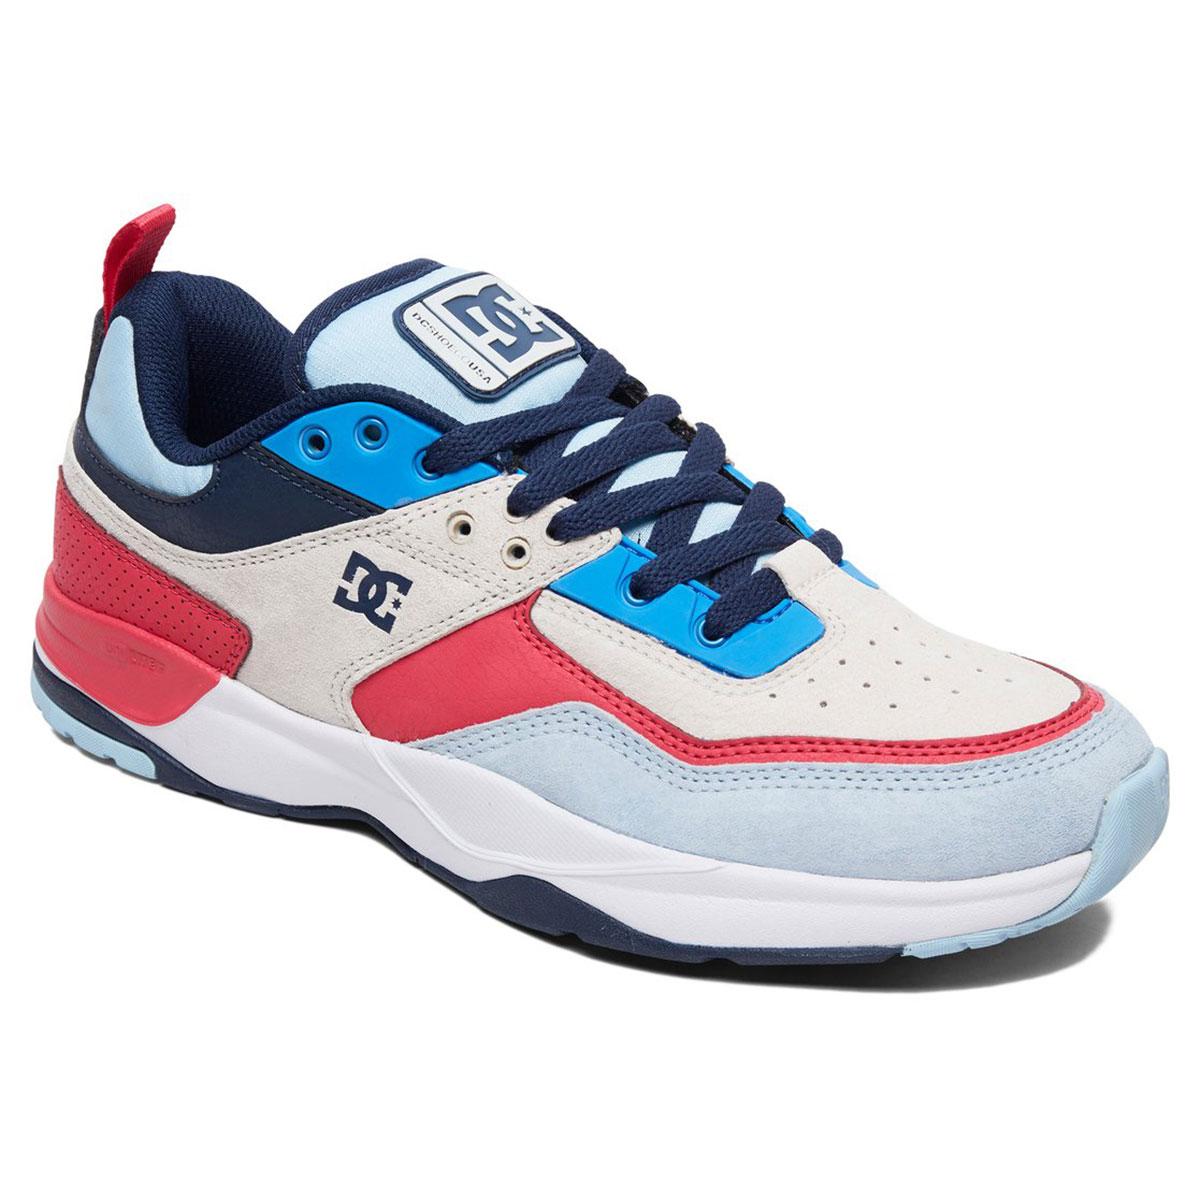 Купить кроссовки DC SHOES E.Tribeka SE (ADYS700142 XBWB) в